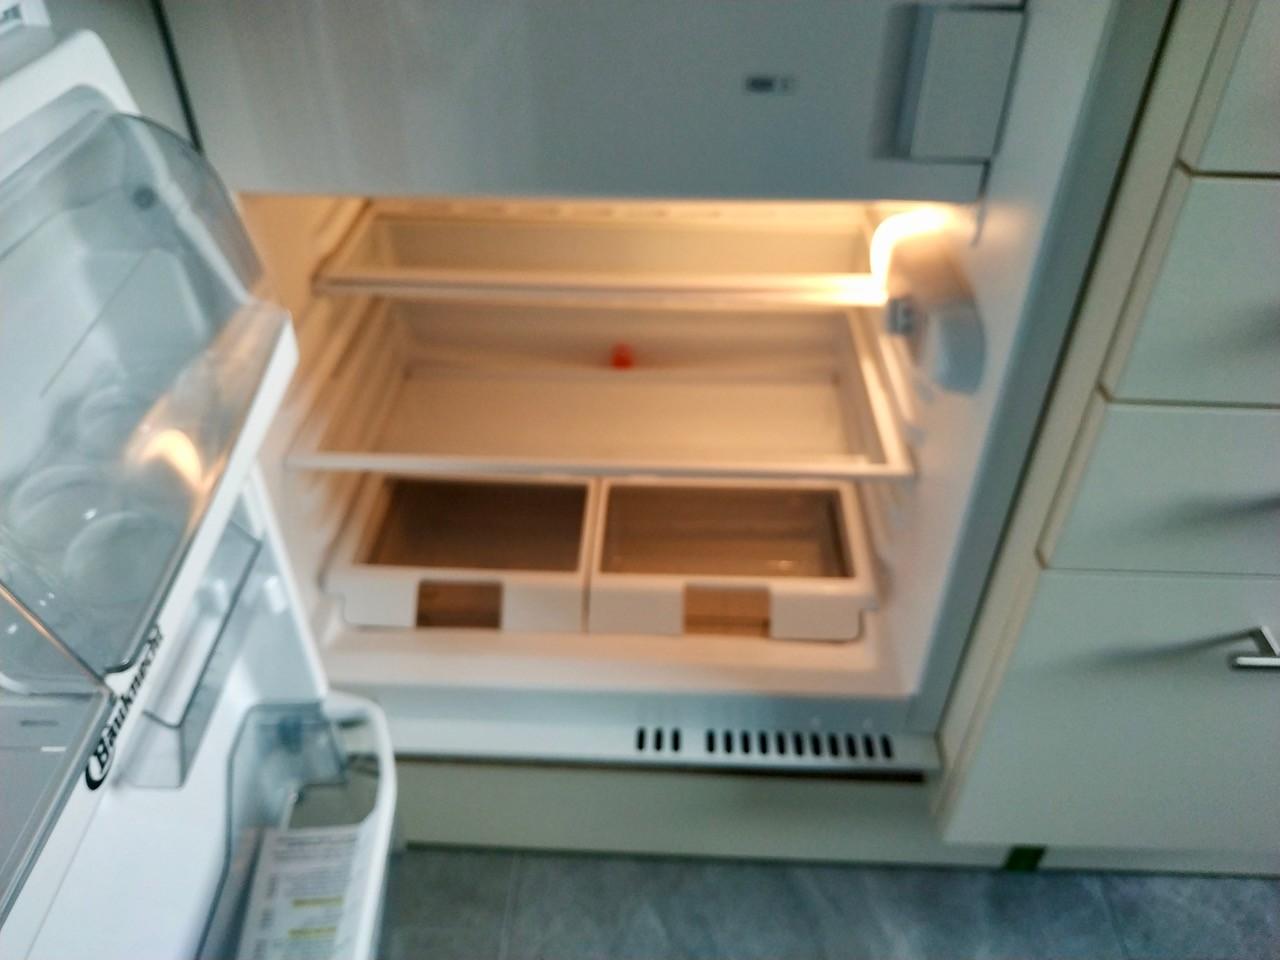 Küche Kühlschrank klein